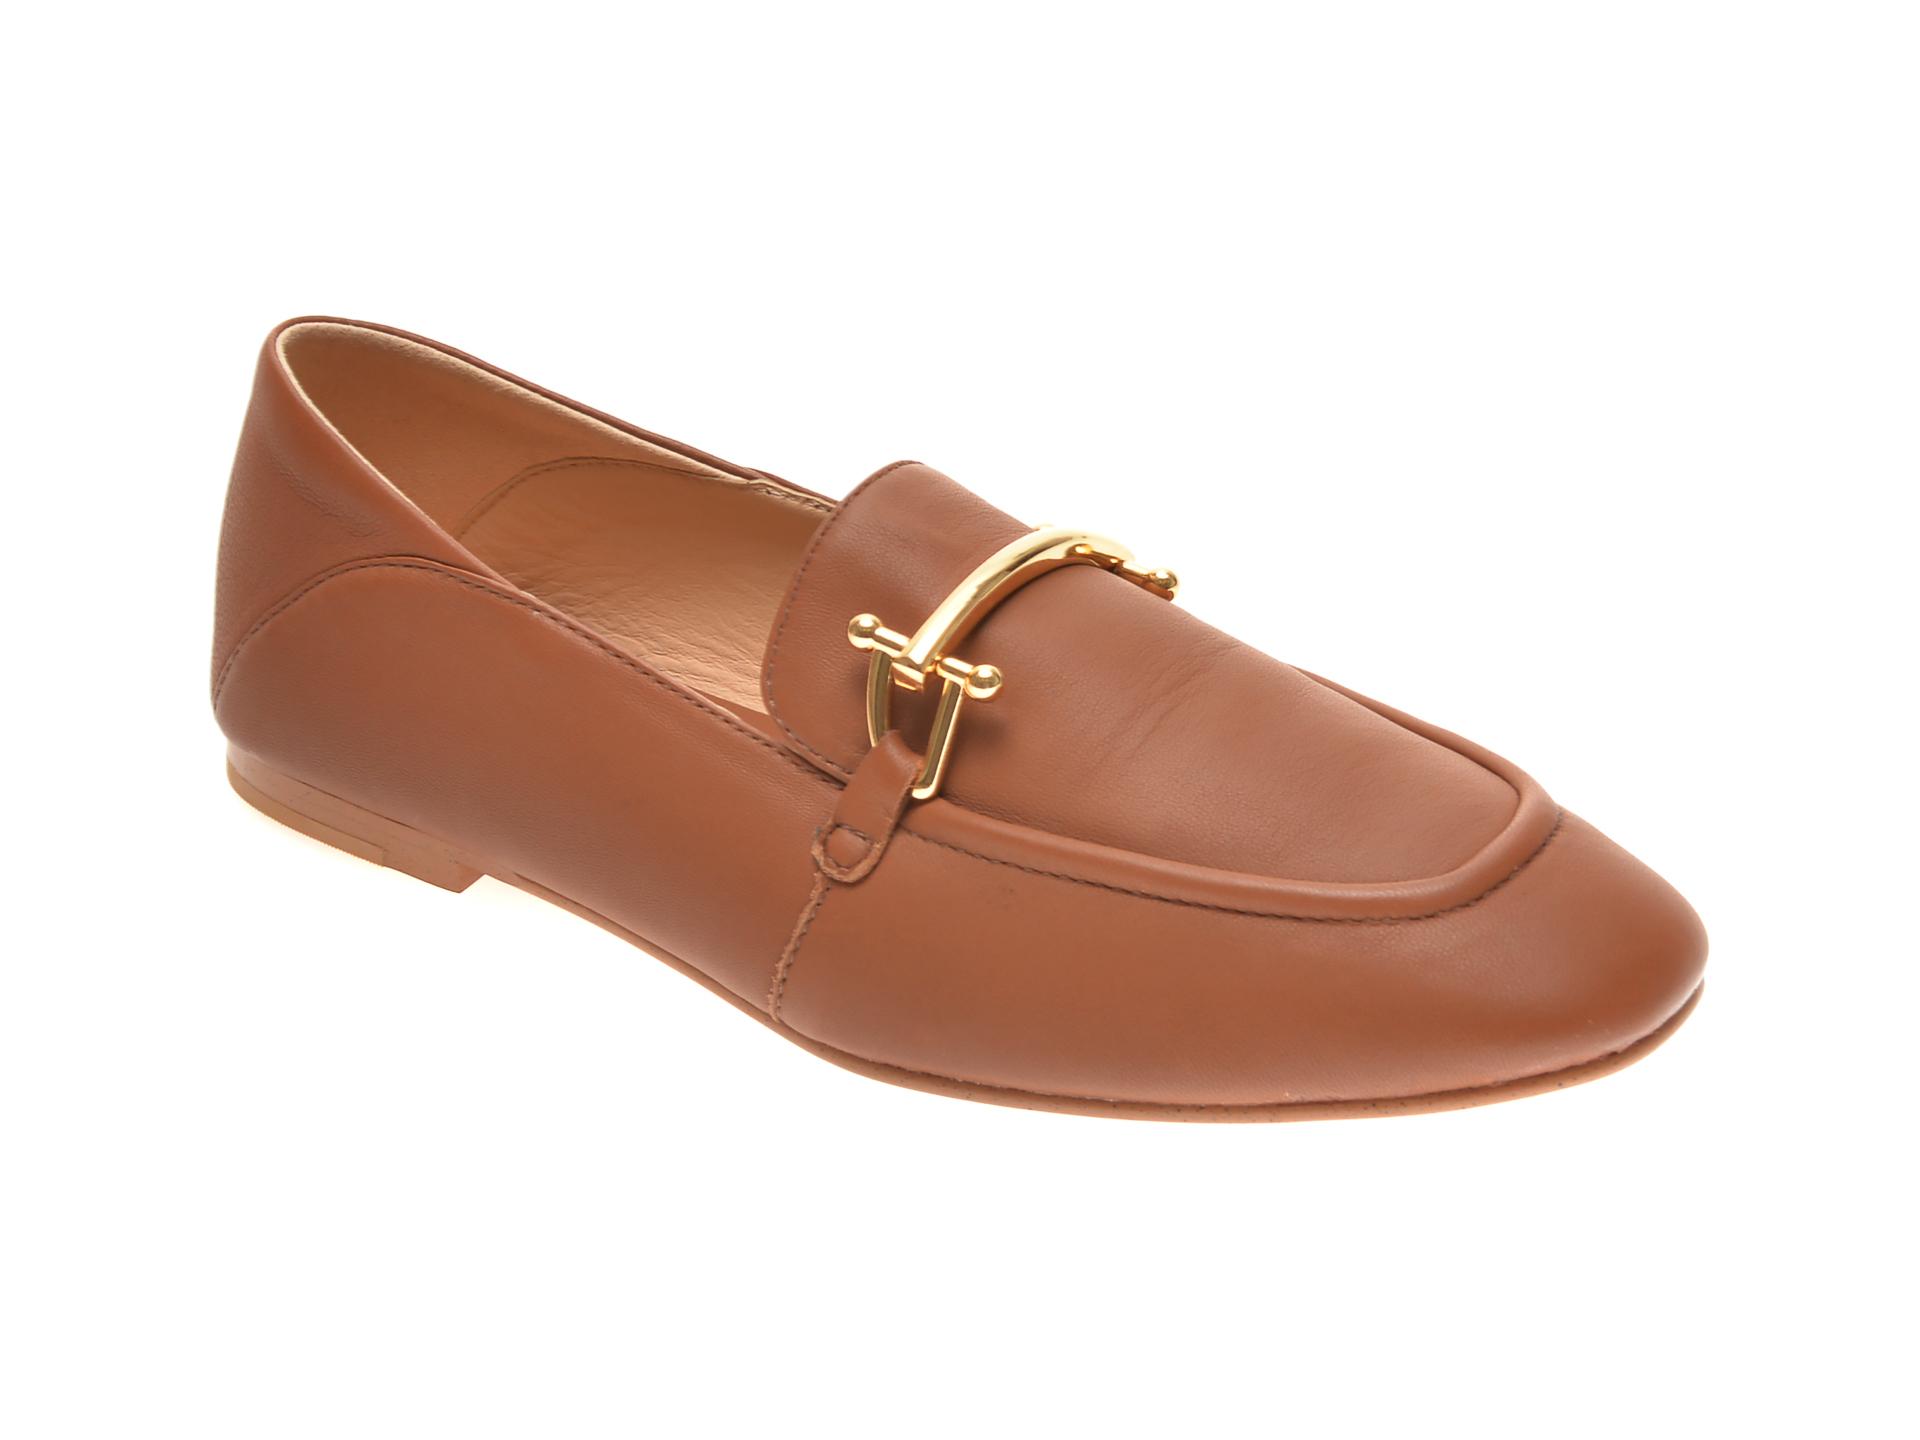 Pantofi CLARKS maro, SHEER ROSE 2, din piele naturala